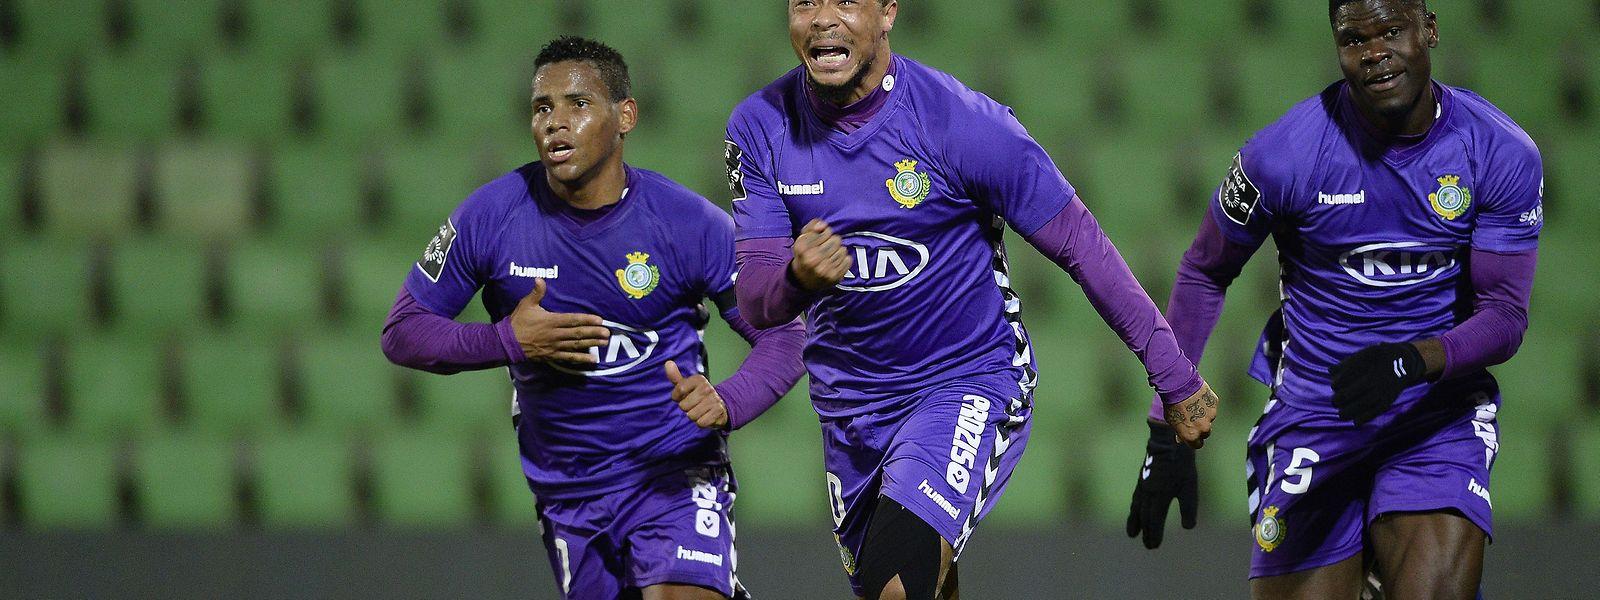 Hildeberto Pereira, ao centro, do Vitória de Setúbal celebra o golo que valeu um ponto em Vila do Conde.